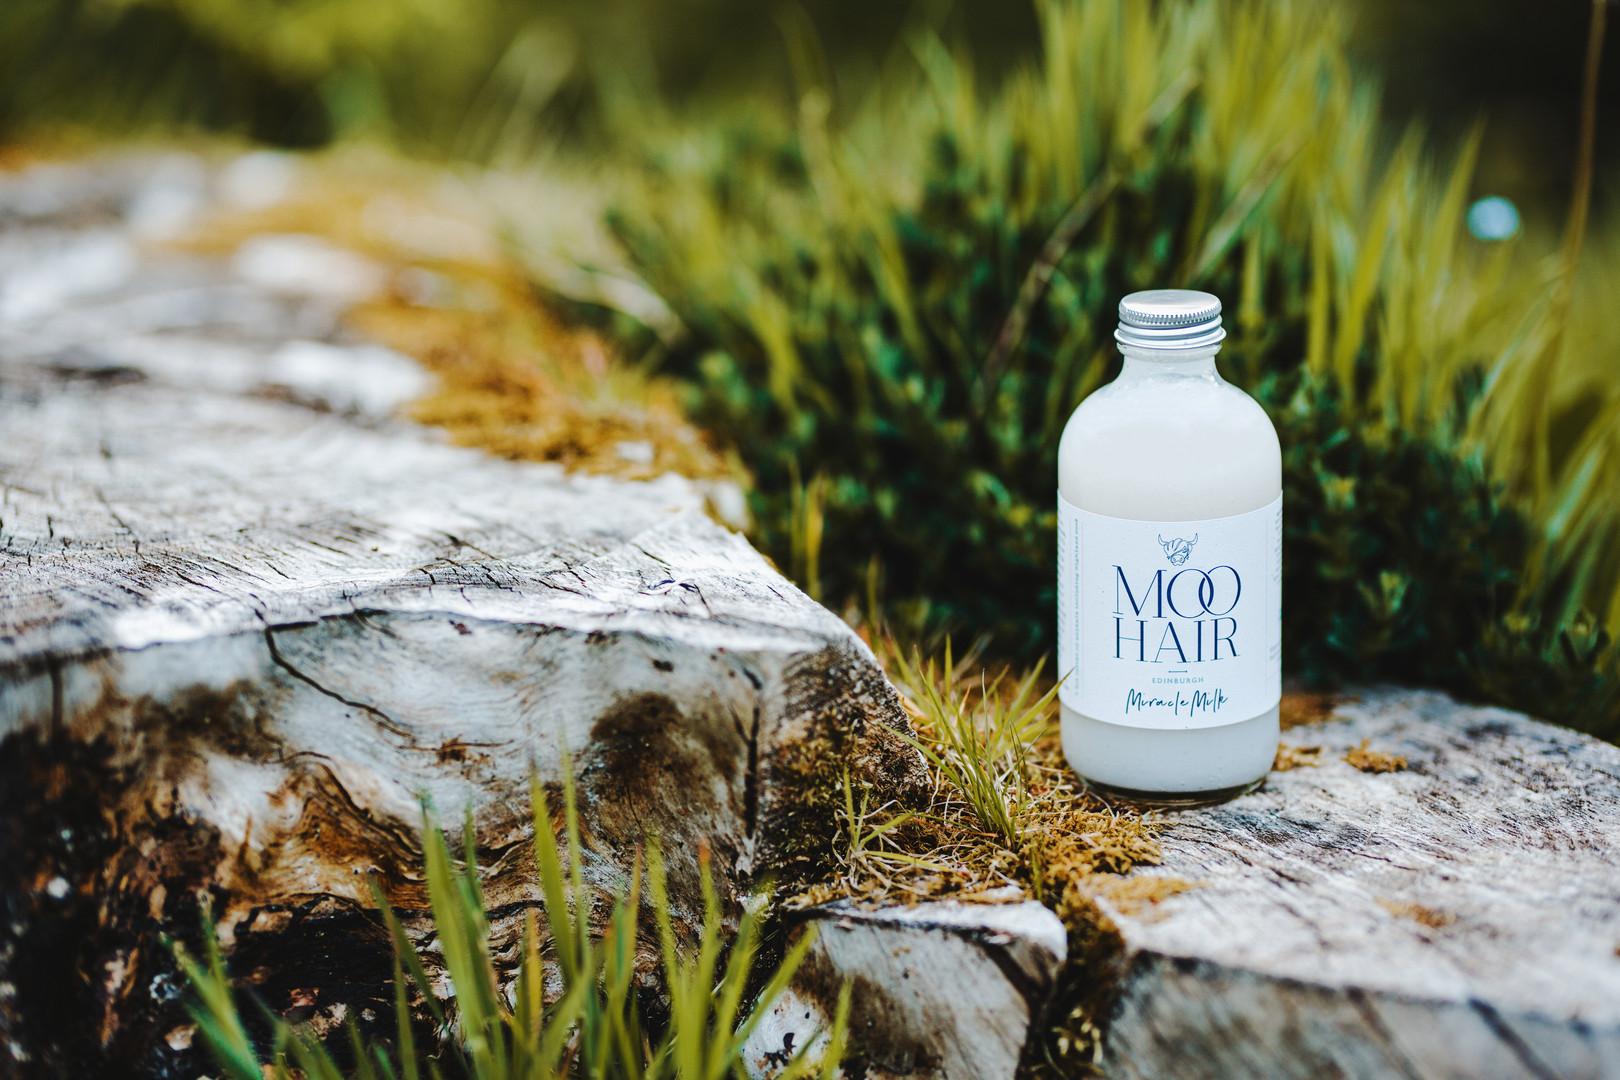 Moo Hair Set 2 Miracle Milk6.jpg